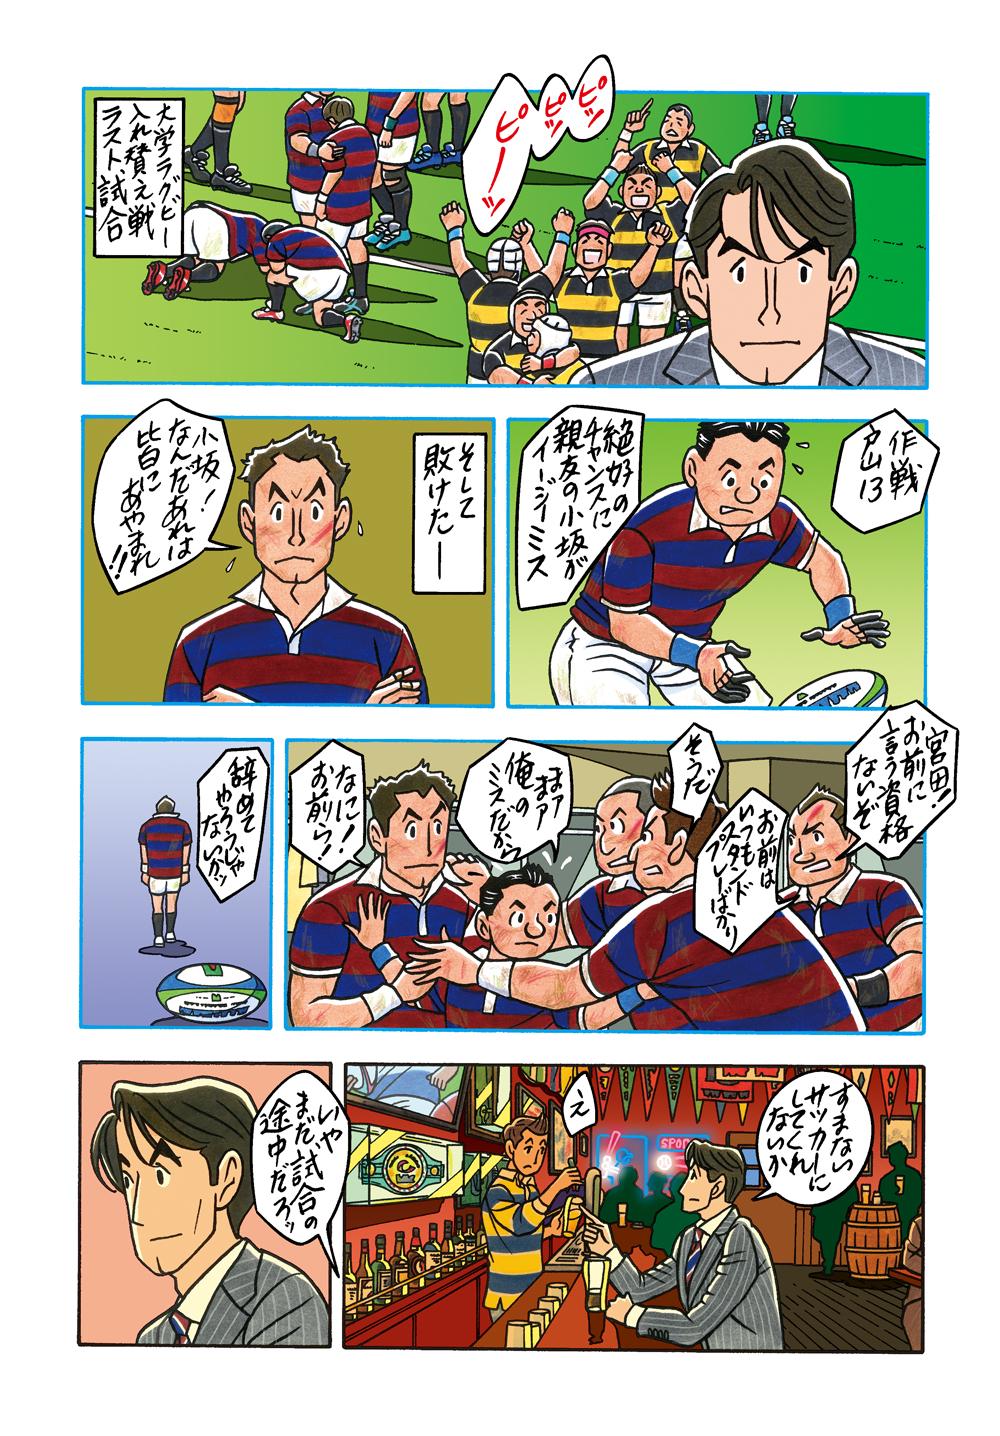 ワンダーカクテル 【第19話 stand up!】2ページ目画像